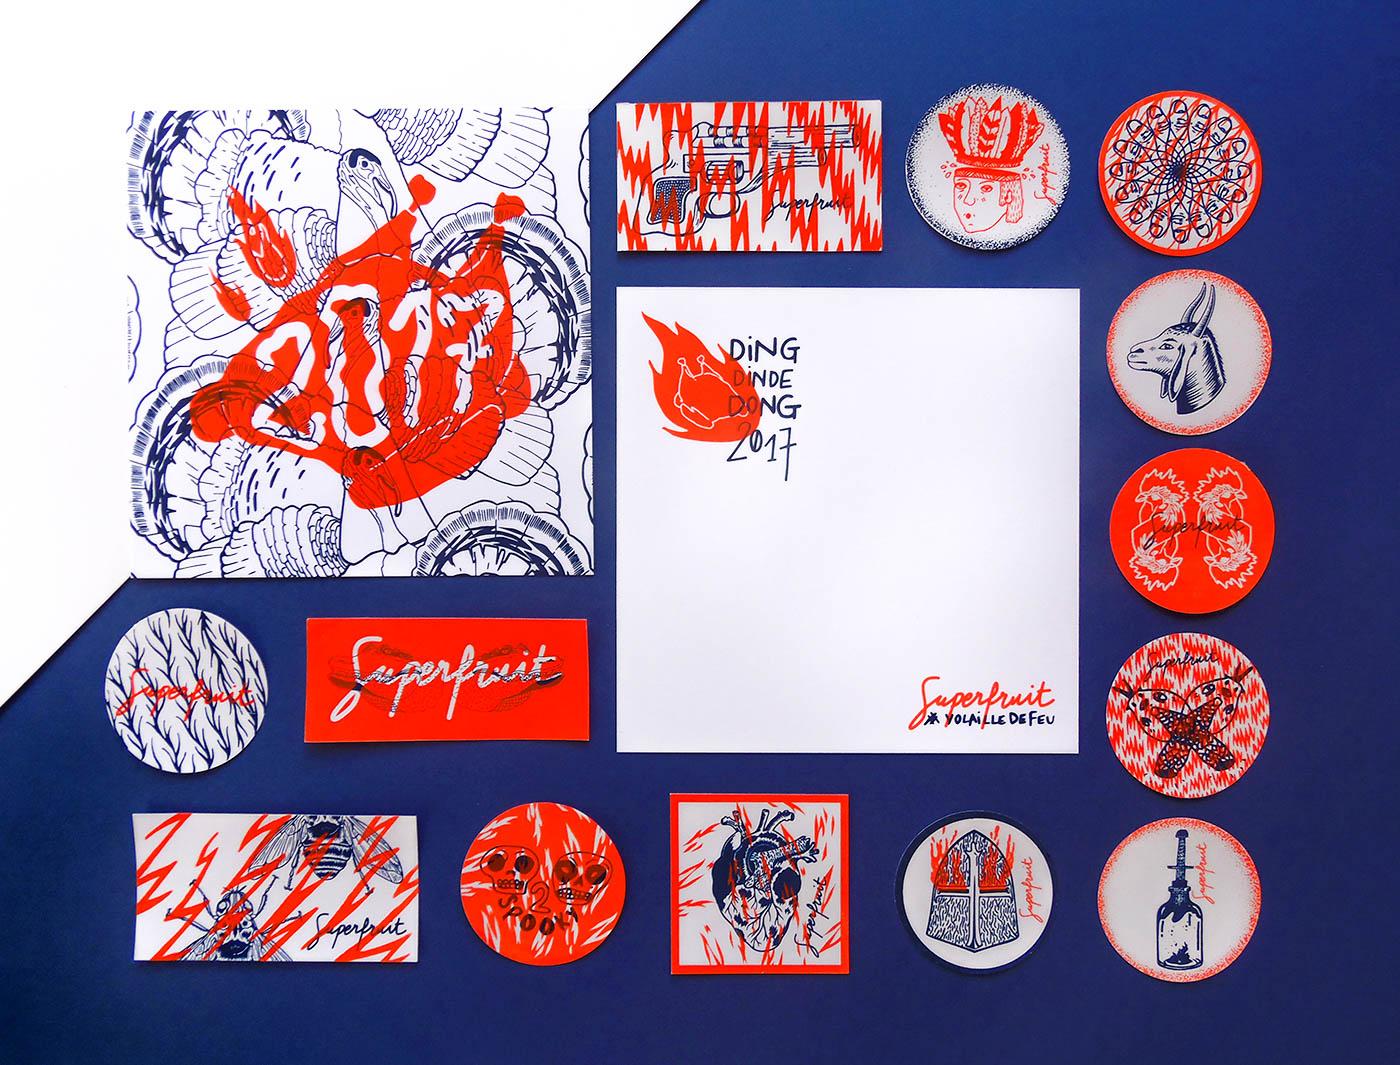 Photo ensemble des cartes de voeux 2017 et des stickers pour le FIST réalisés par Superfruit